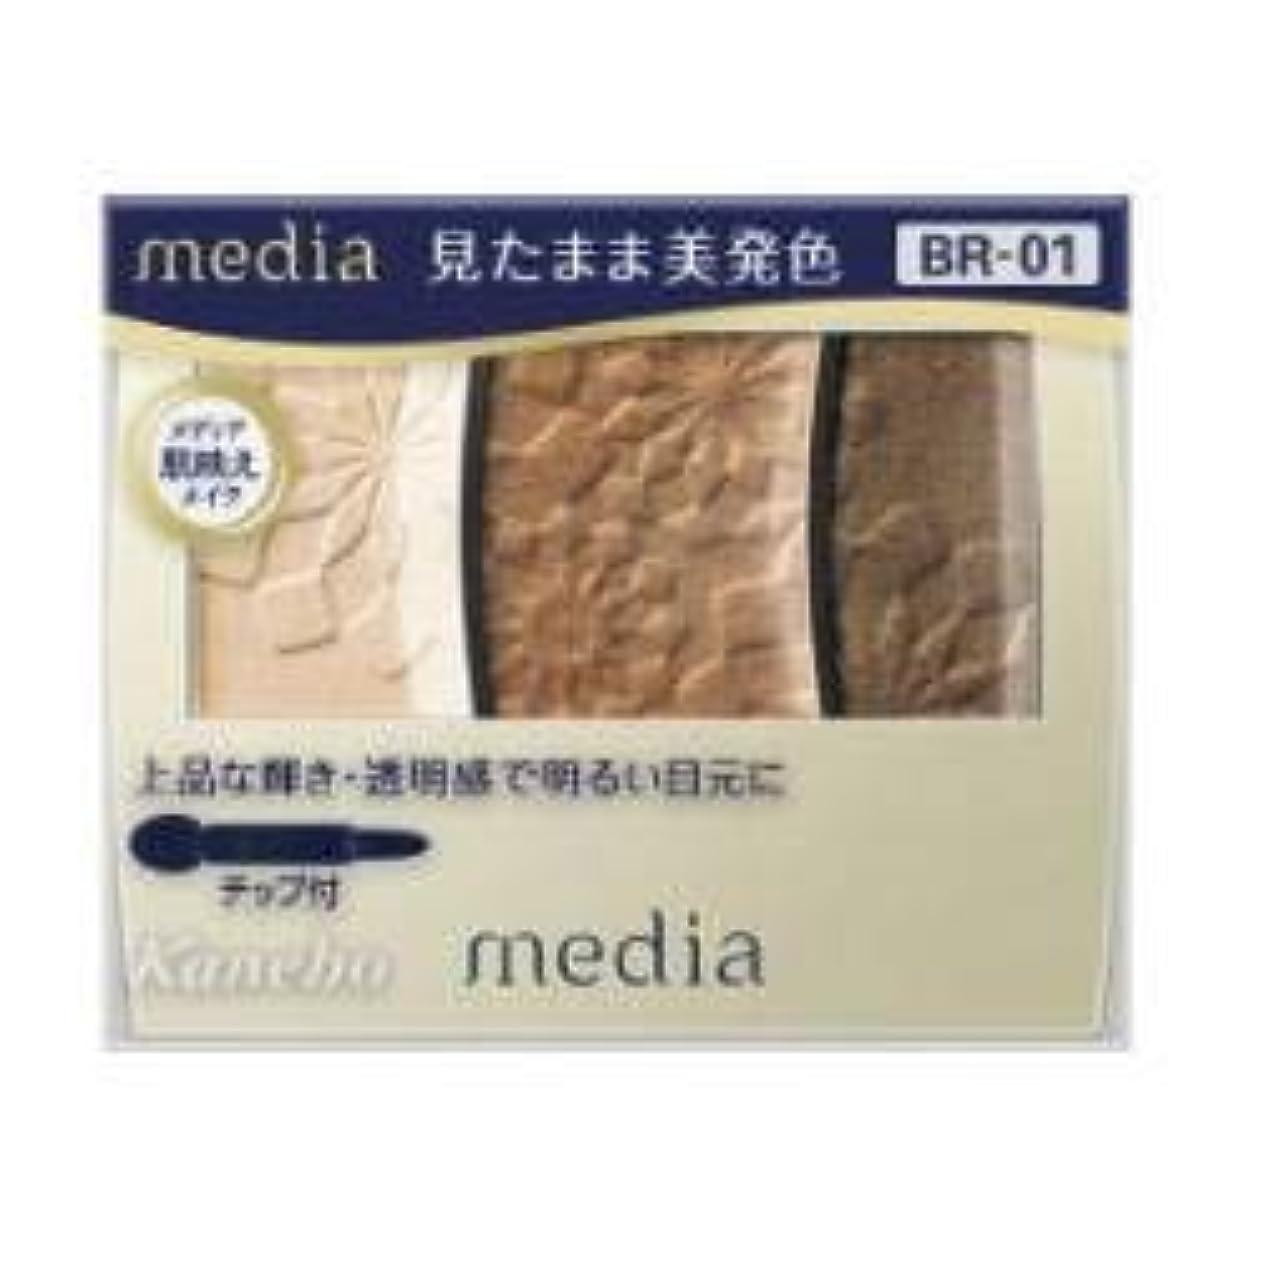 受粉する里親リサイクルする【カネボウ】 メディア グラデカラーアイシャドウ BR-01